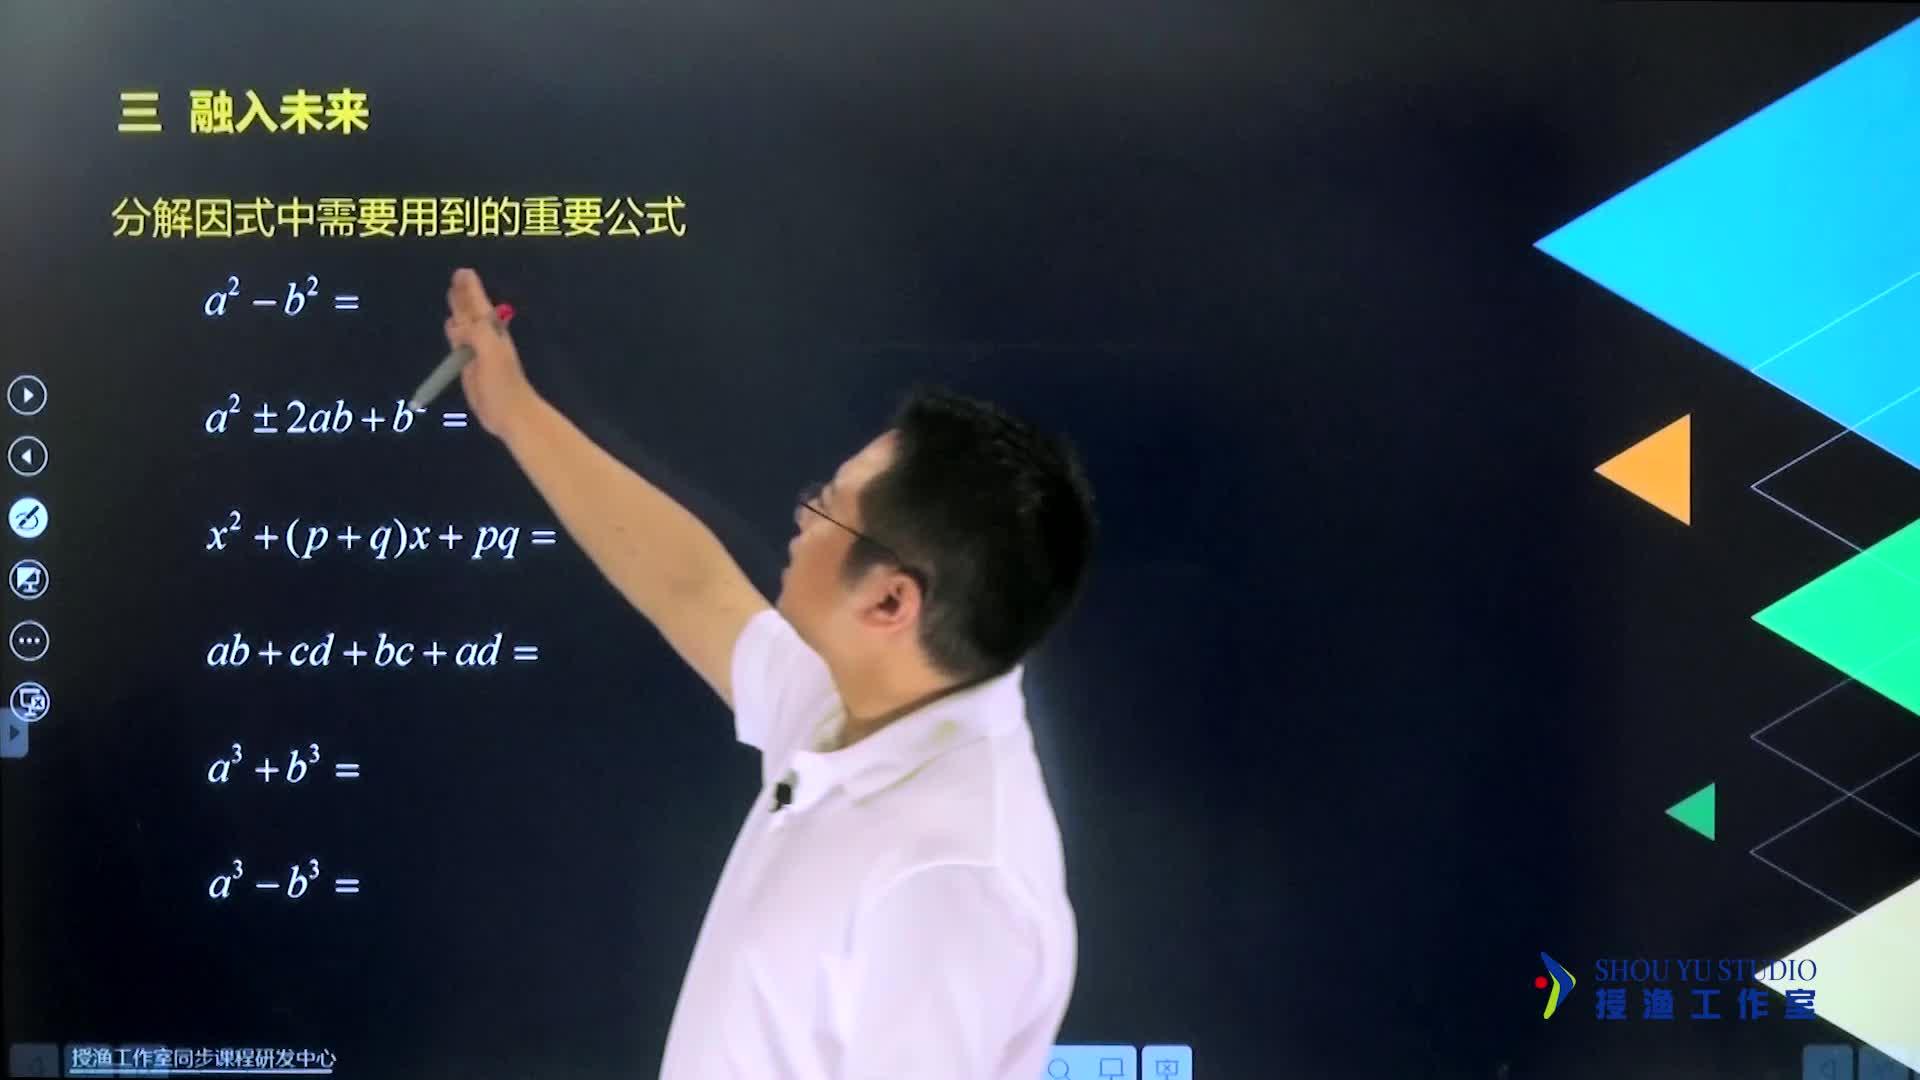 视频1.3 因式分解的再认识  融入未来-2019年《初高中衔接课》教材数学